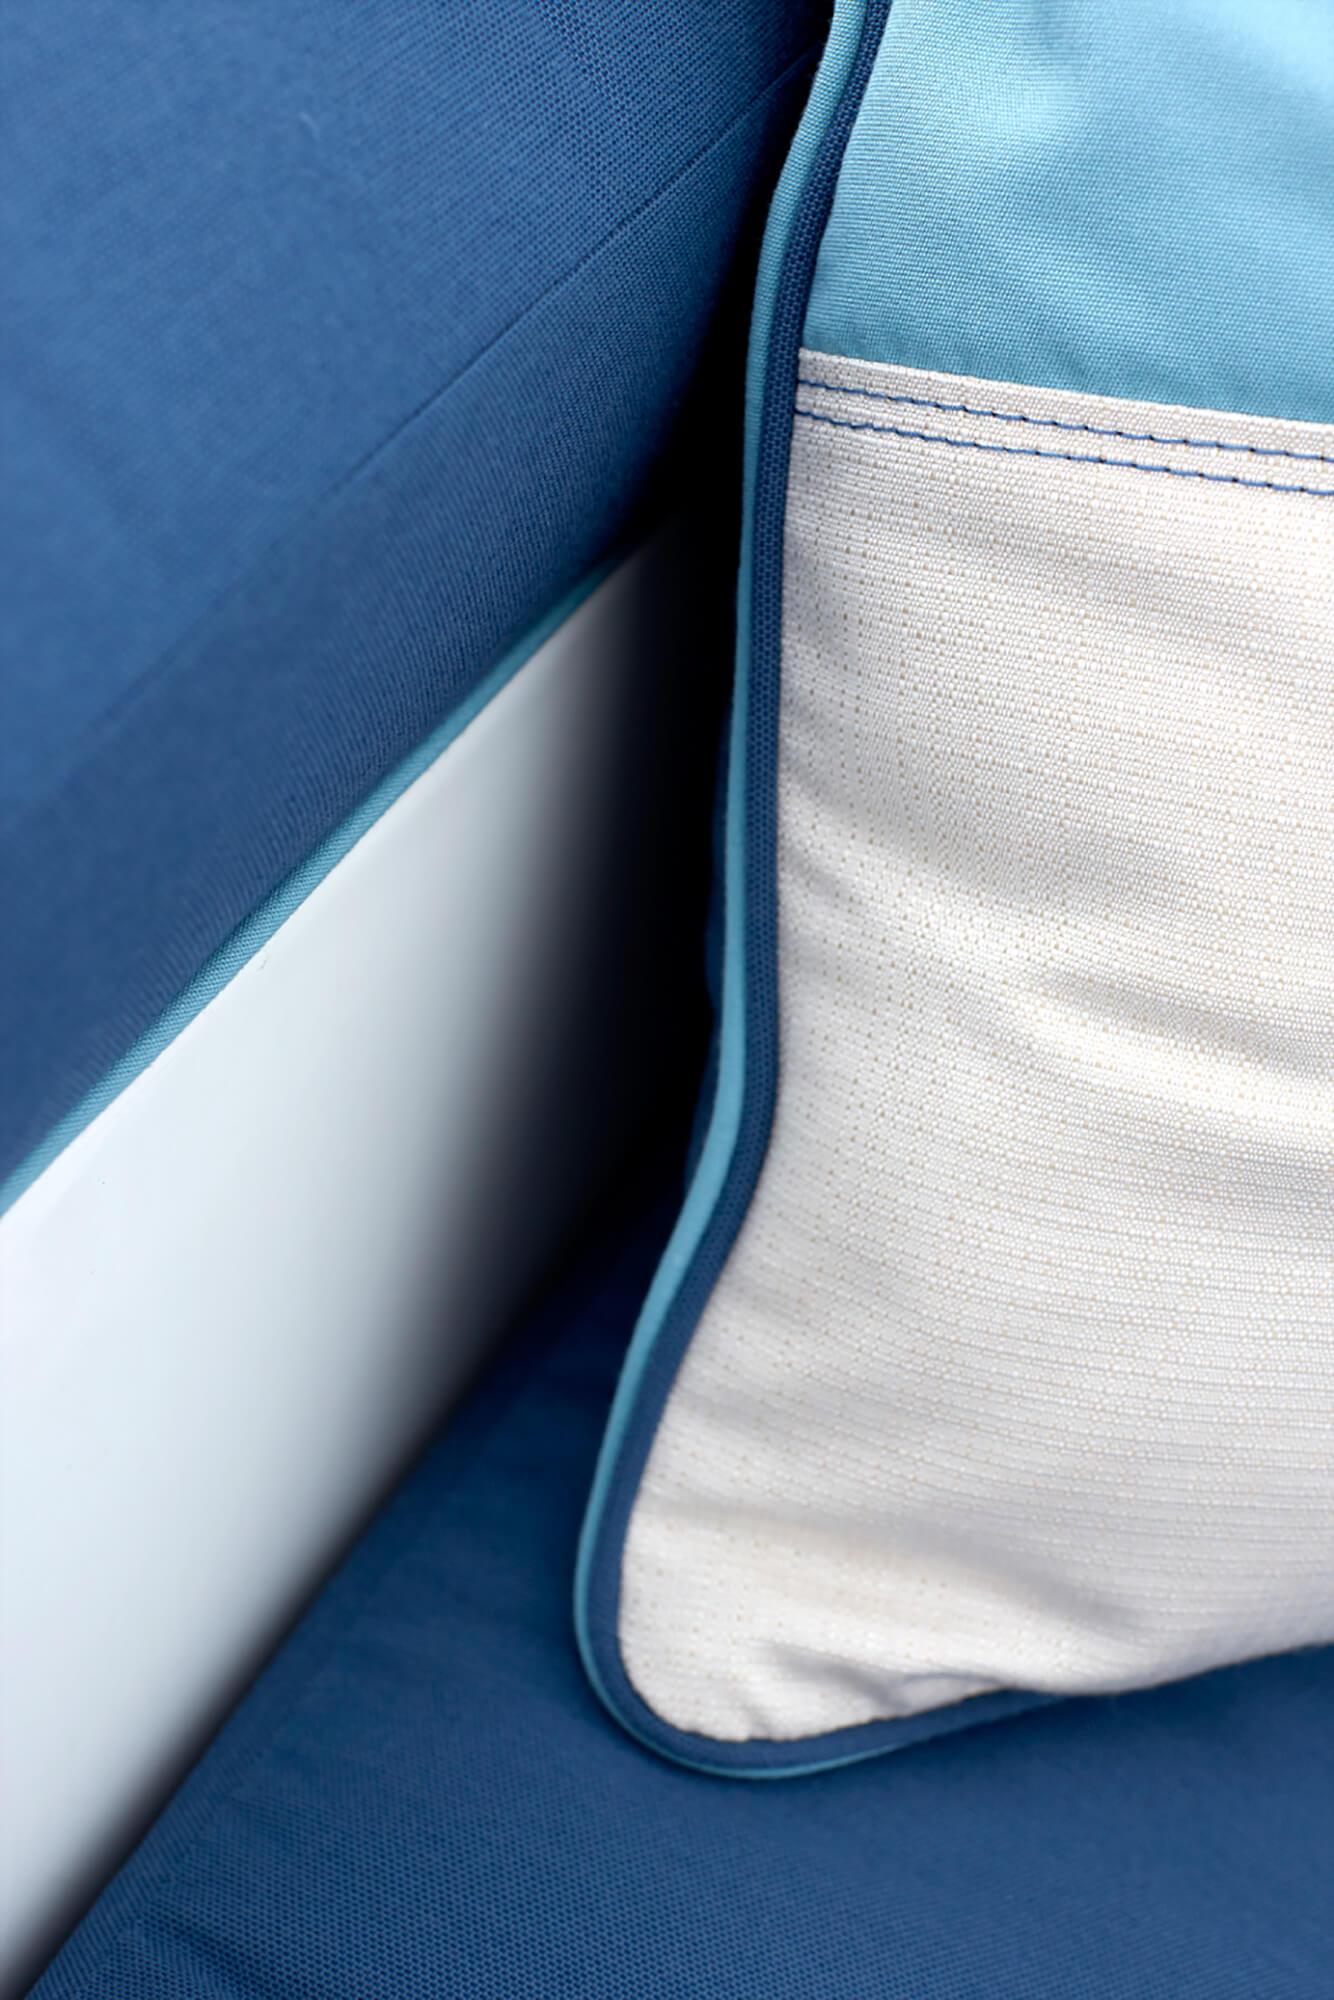 蓝色坐垫上的蓝白织物细节照片